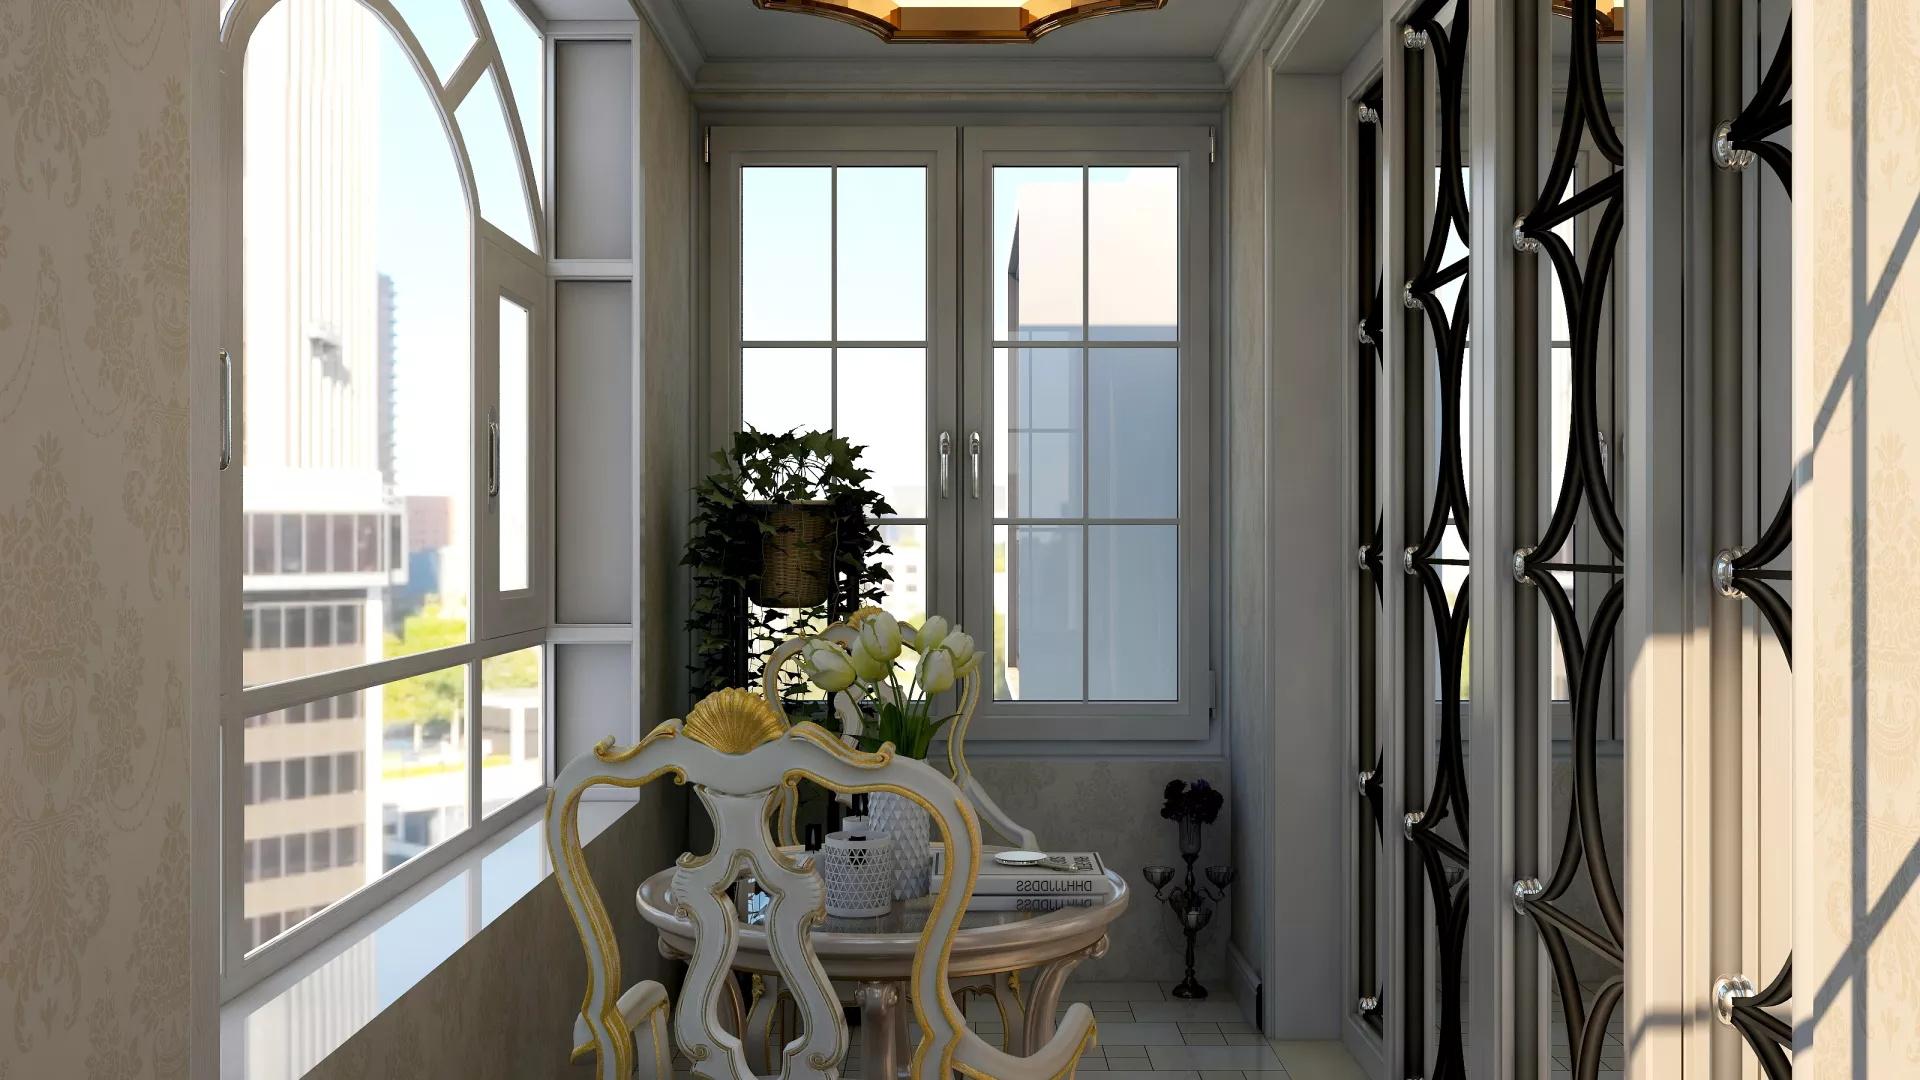 小户型客厅家具怎么摆?摆放原则有哪些?